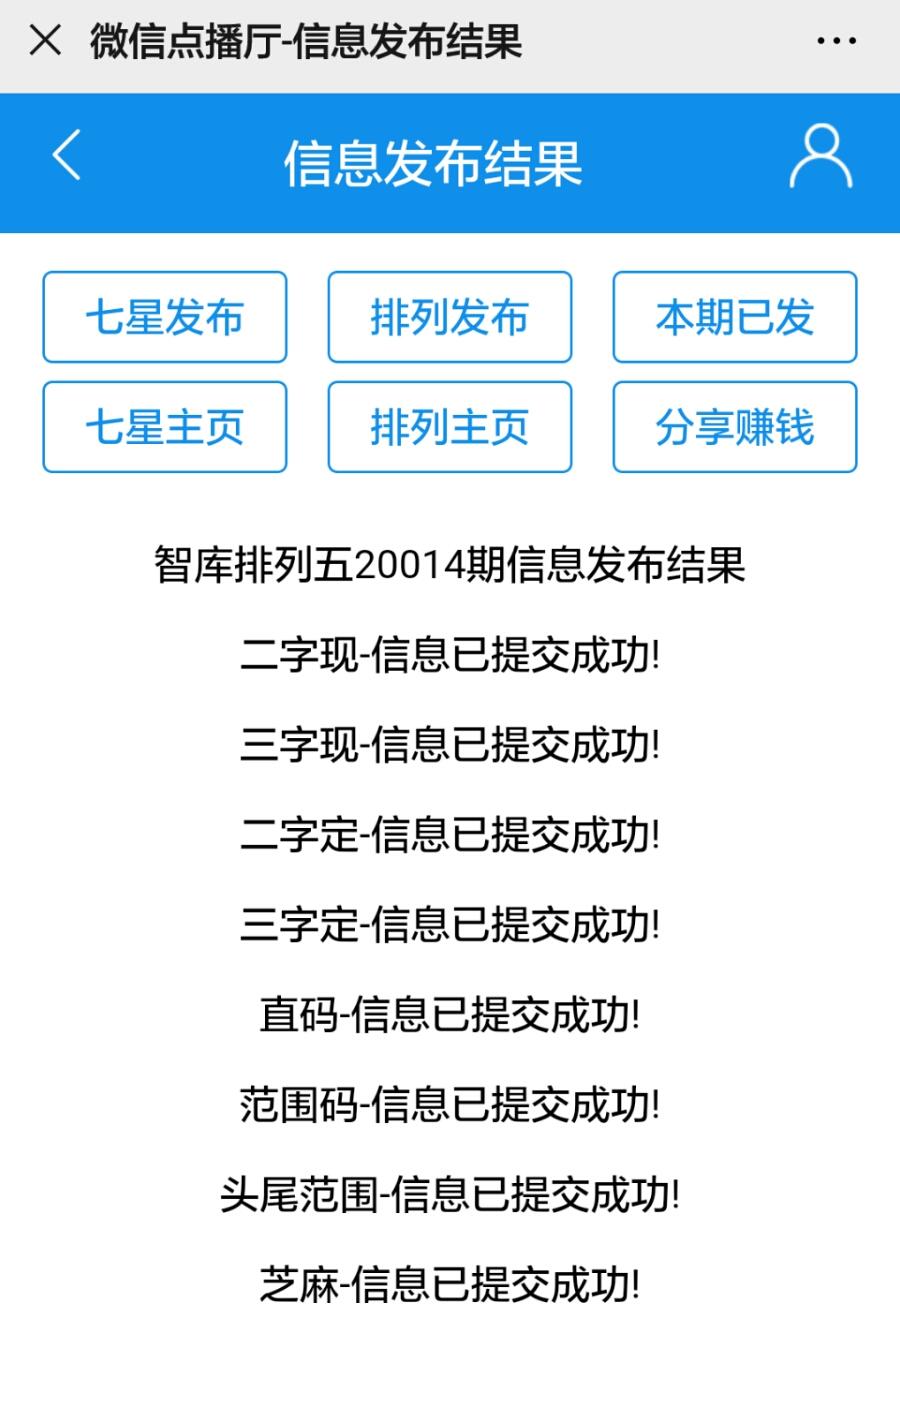 Screenshot_2020-01-13-22-38-59.jpg